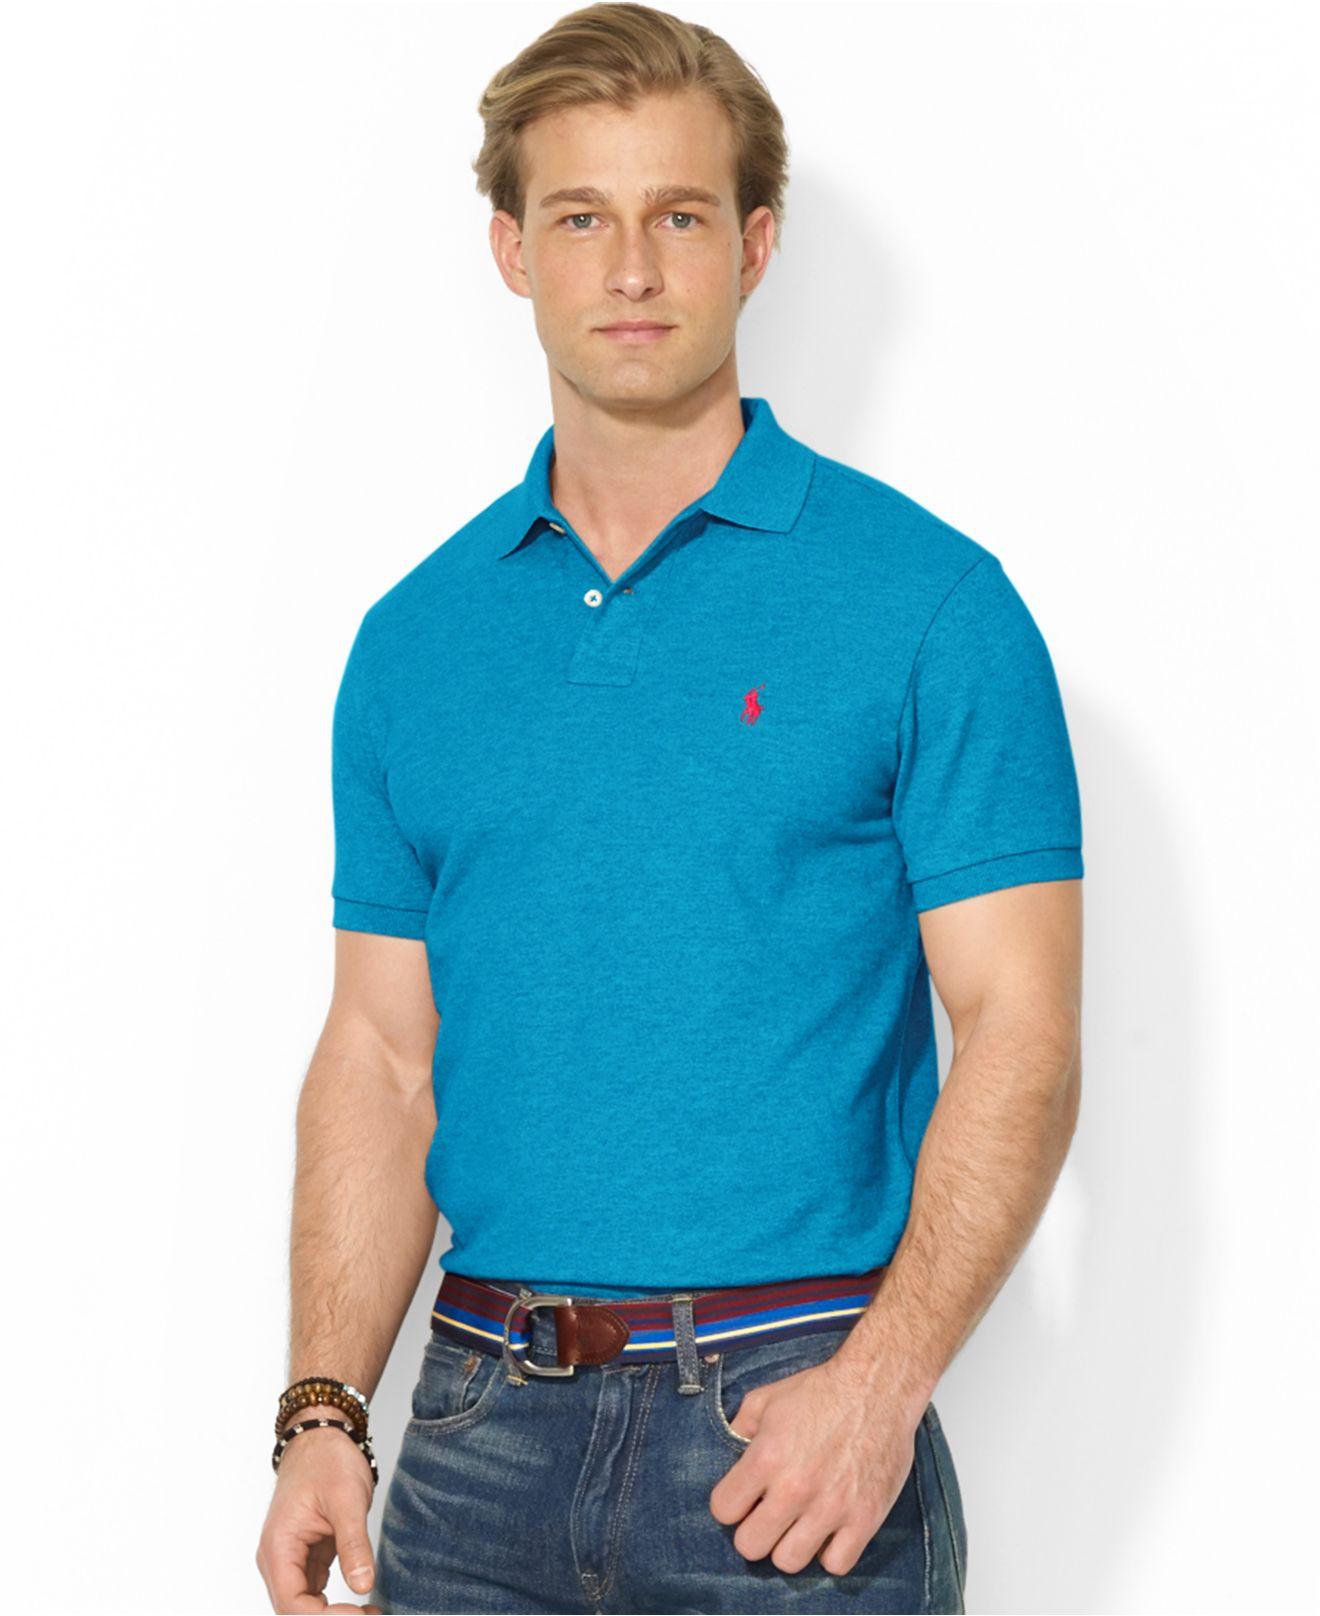 ralph lauren mesh polo shirt